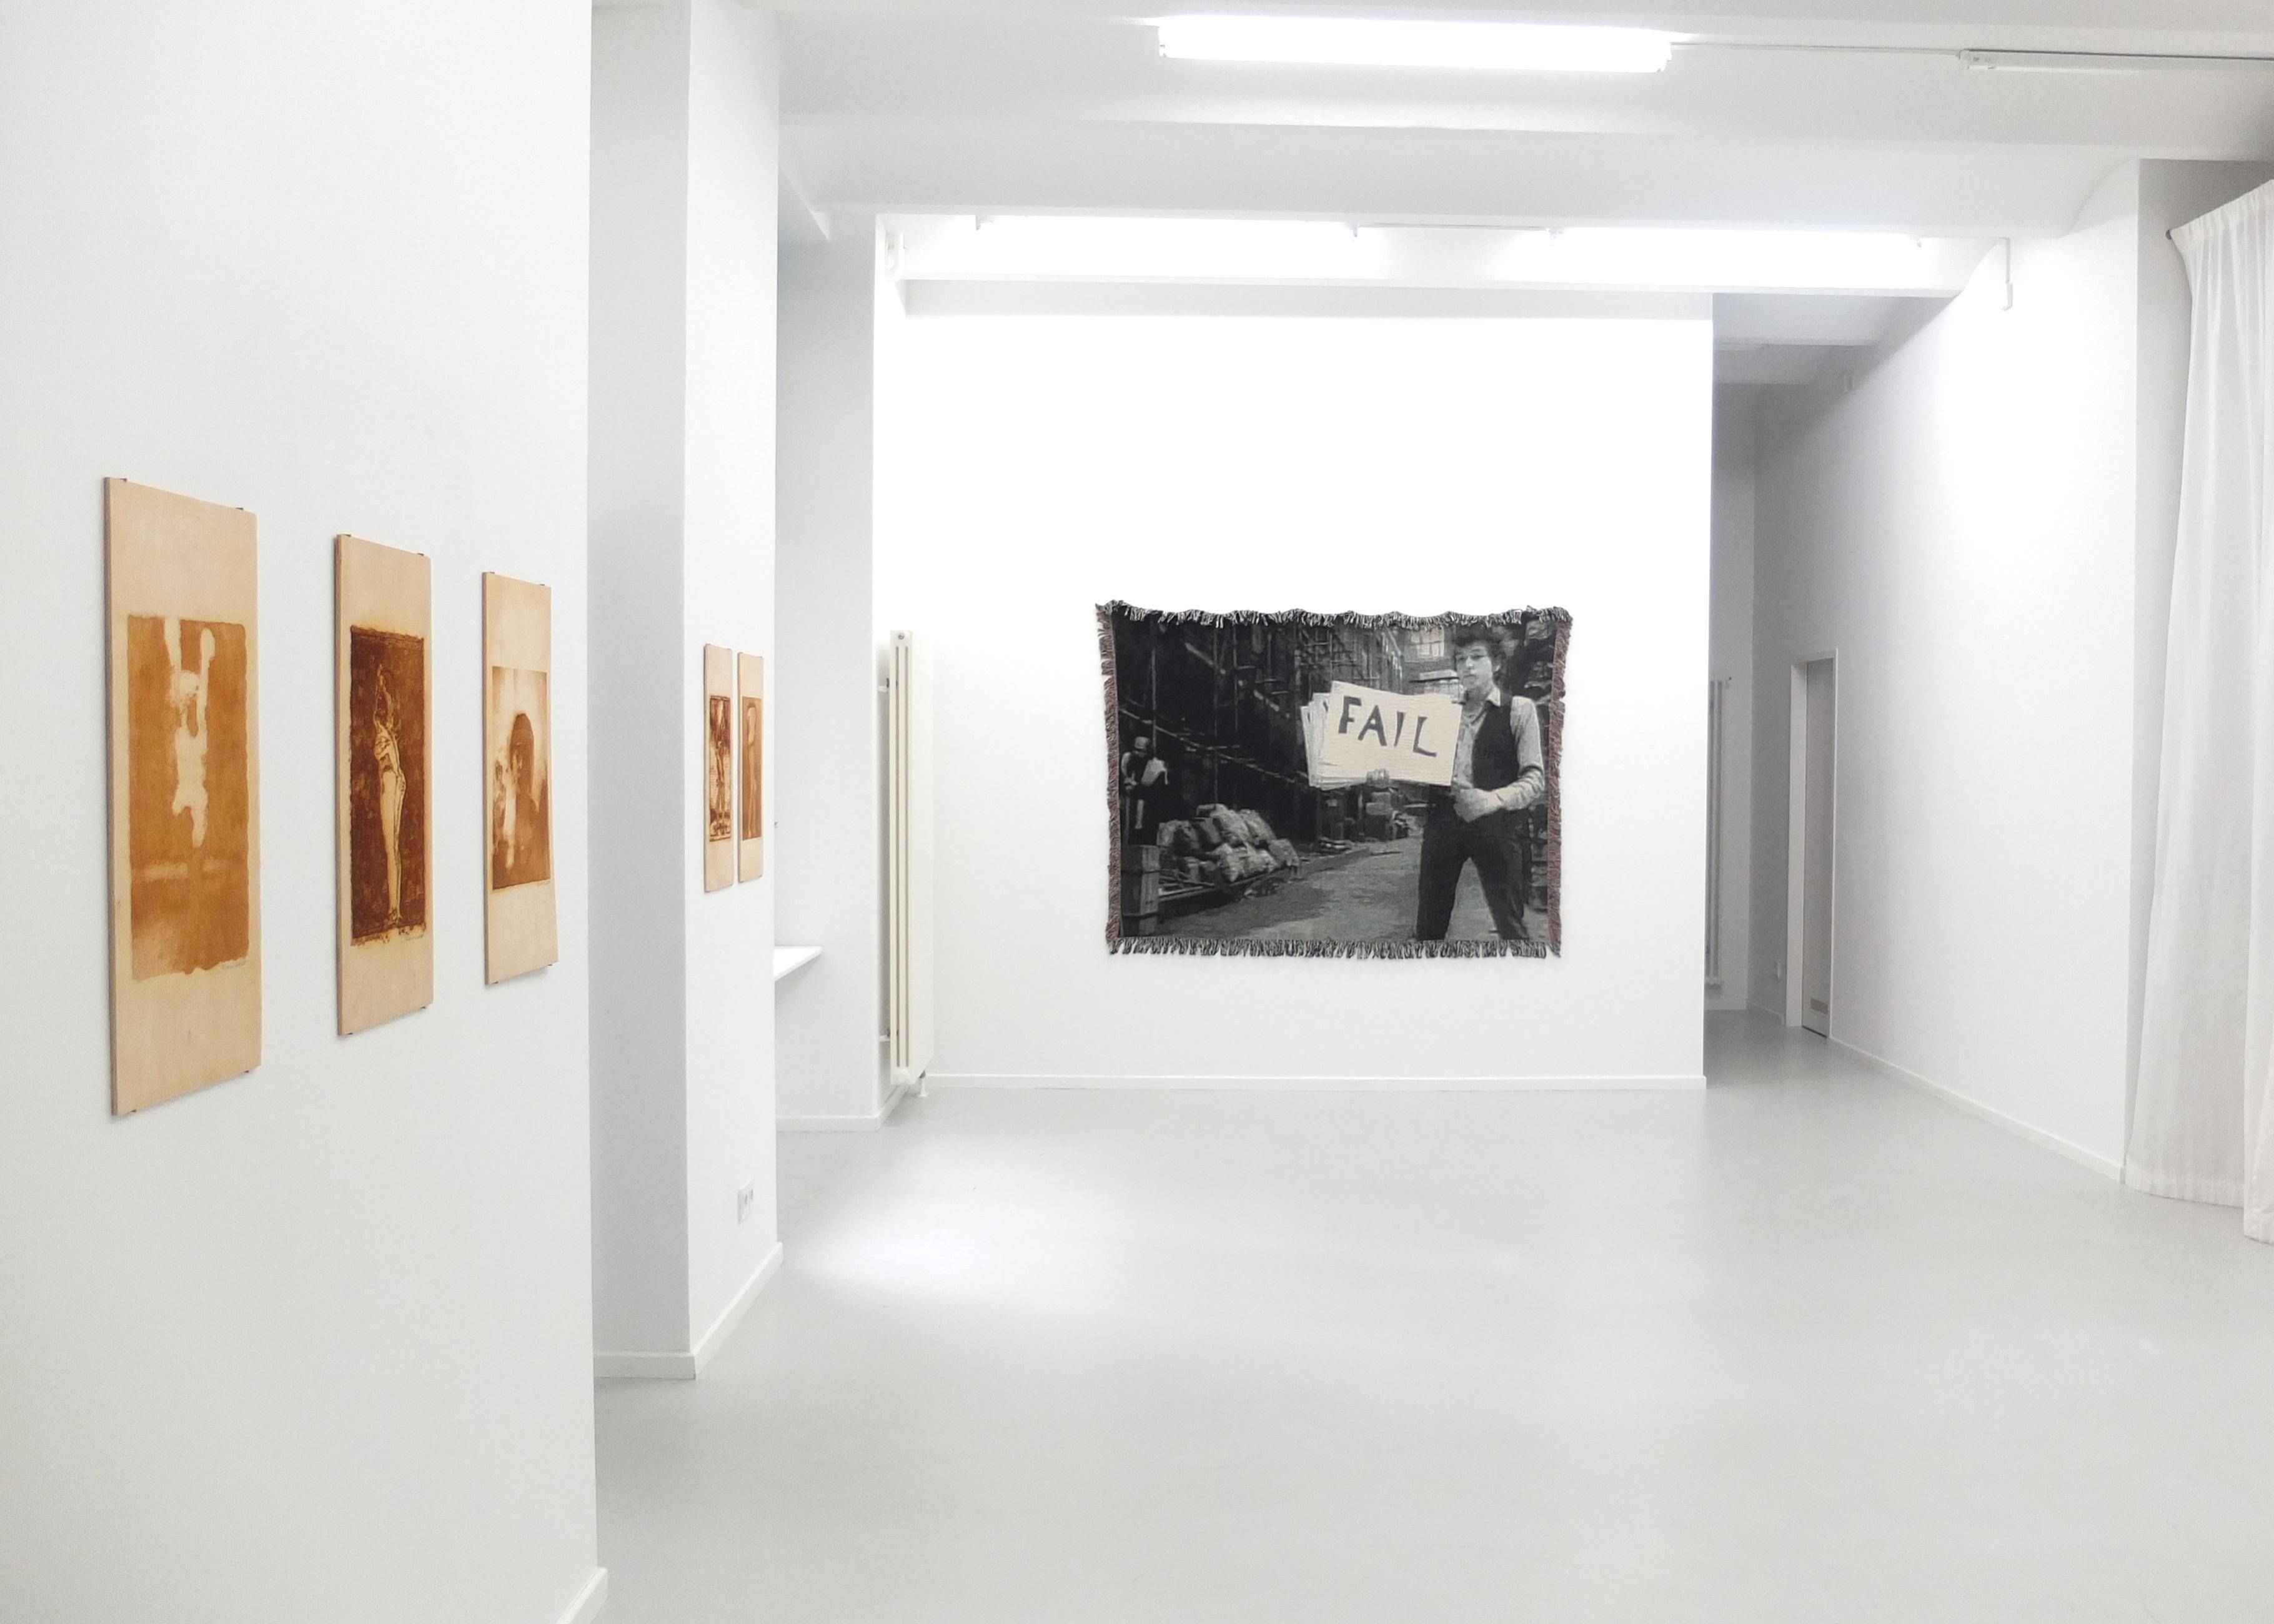 Patrick Lichty, ARTIFACTS 2015, Ausstellungsansicht